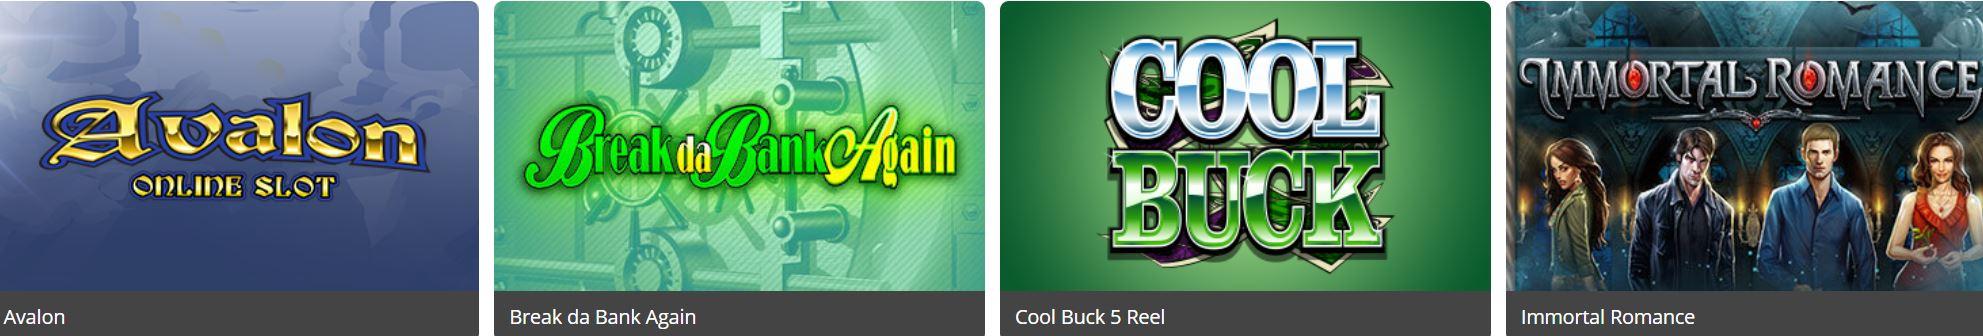 Existe gran variedad de juegos en los nuevos casinos.